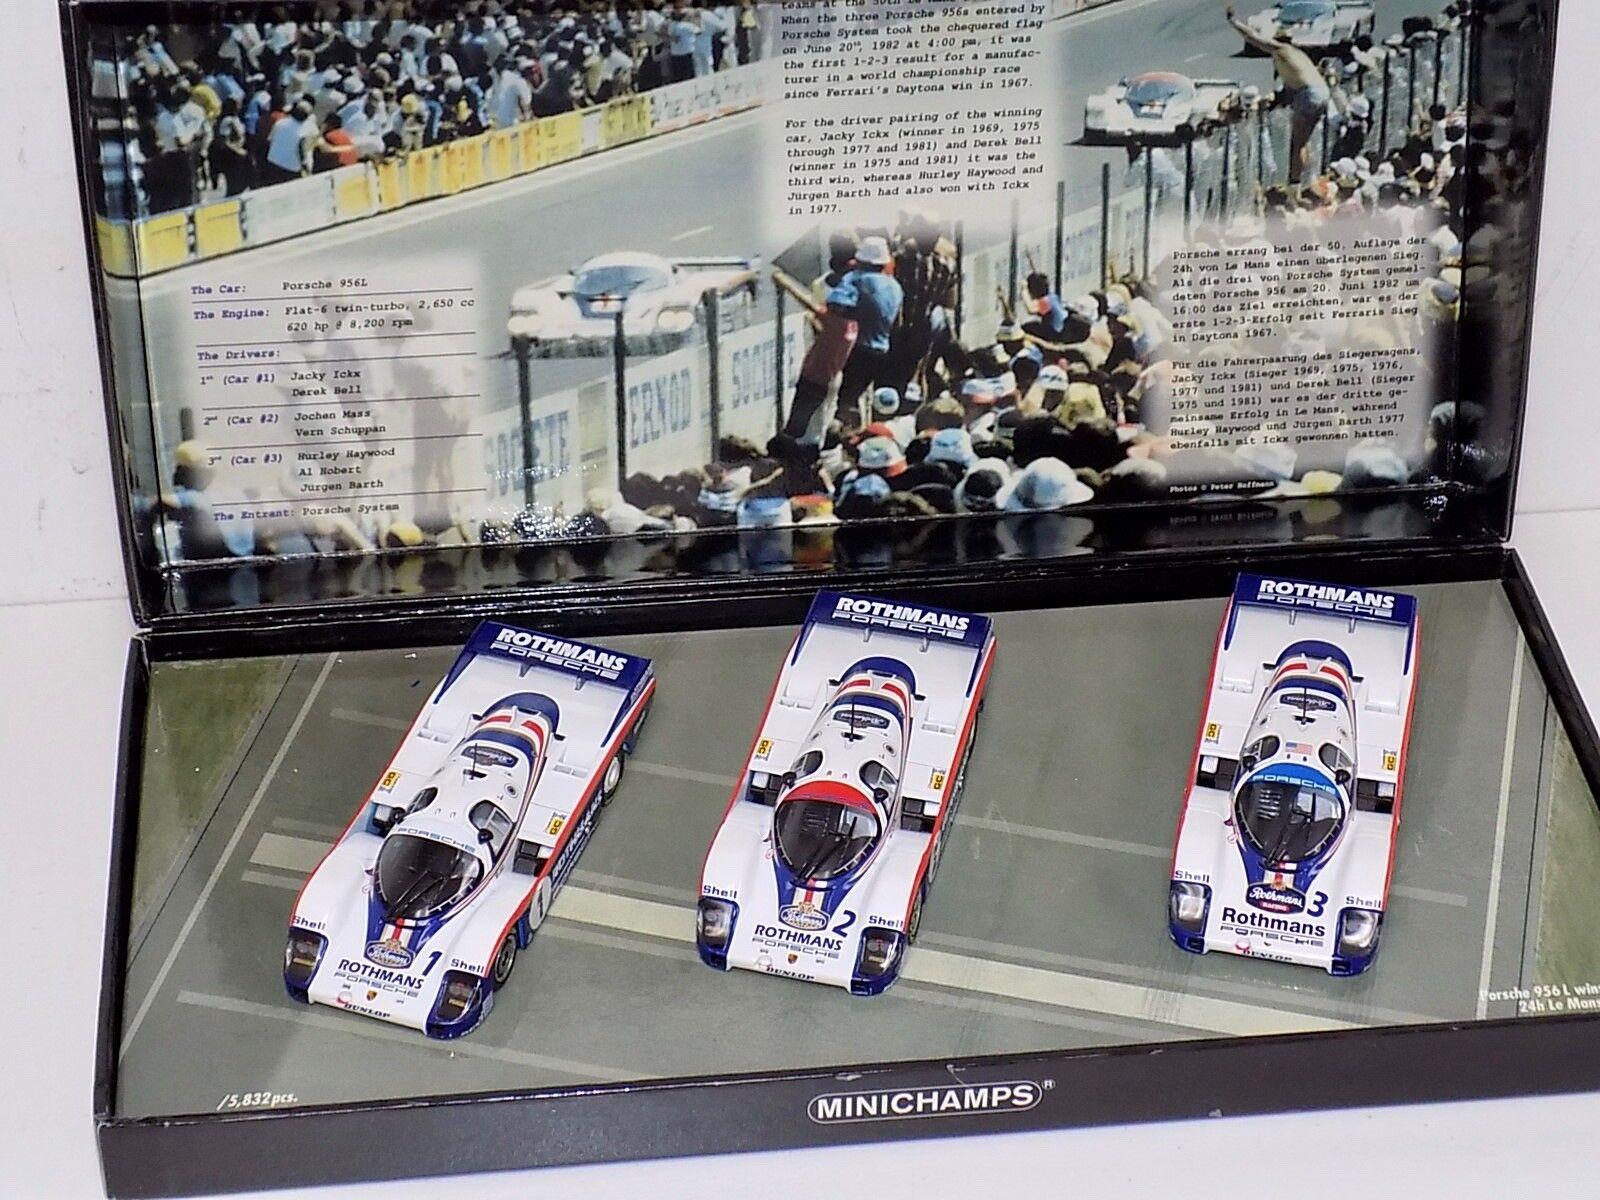 1 43 Minichamps Porsche 956L Wins 1982 24H of LeMans 1-2-3 3 car set Rothmans